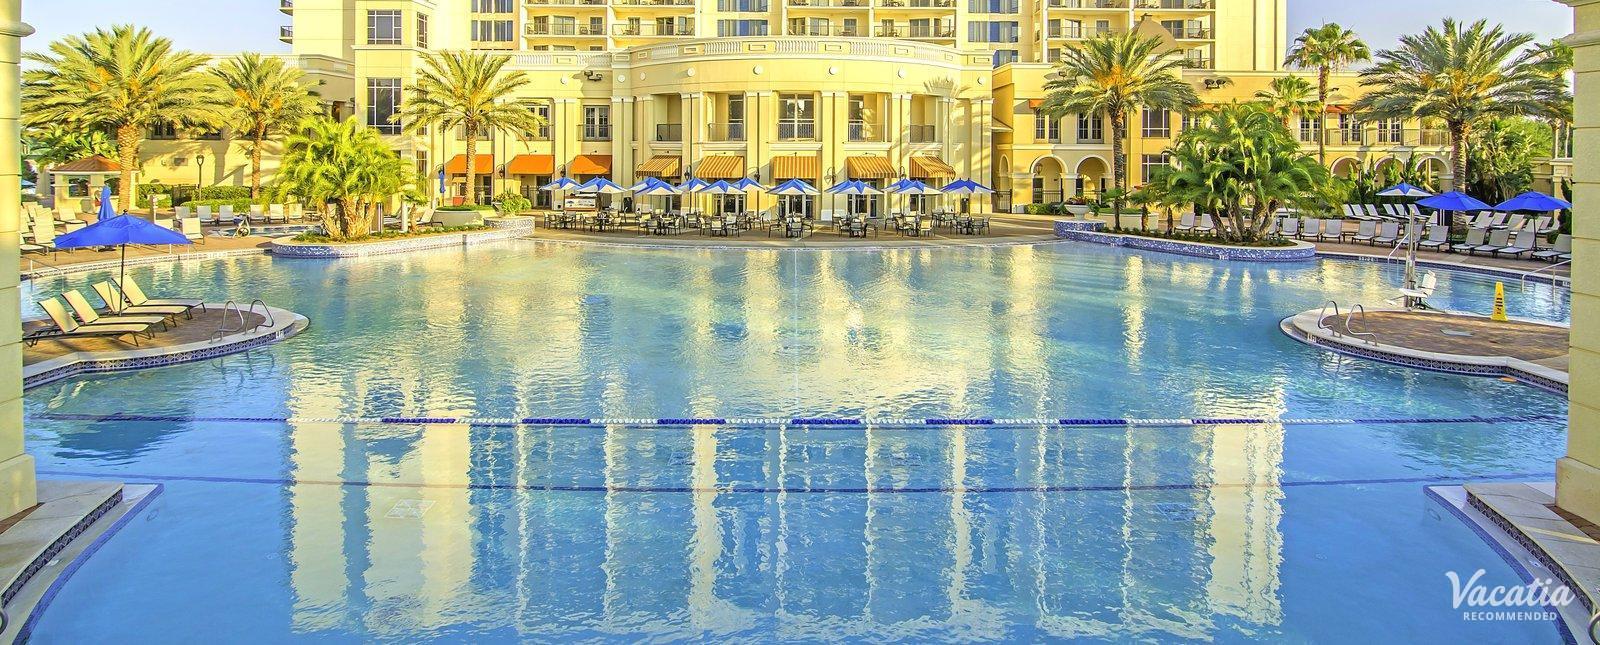 Parc Soleil Orlando Parc Soleil Hilton Vacatia